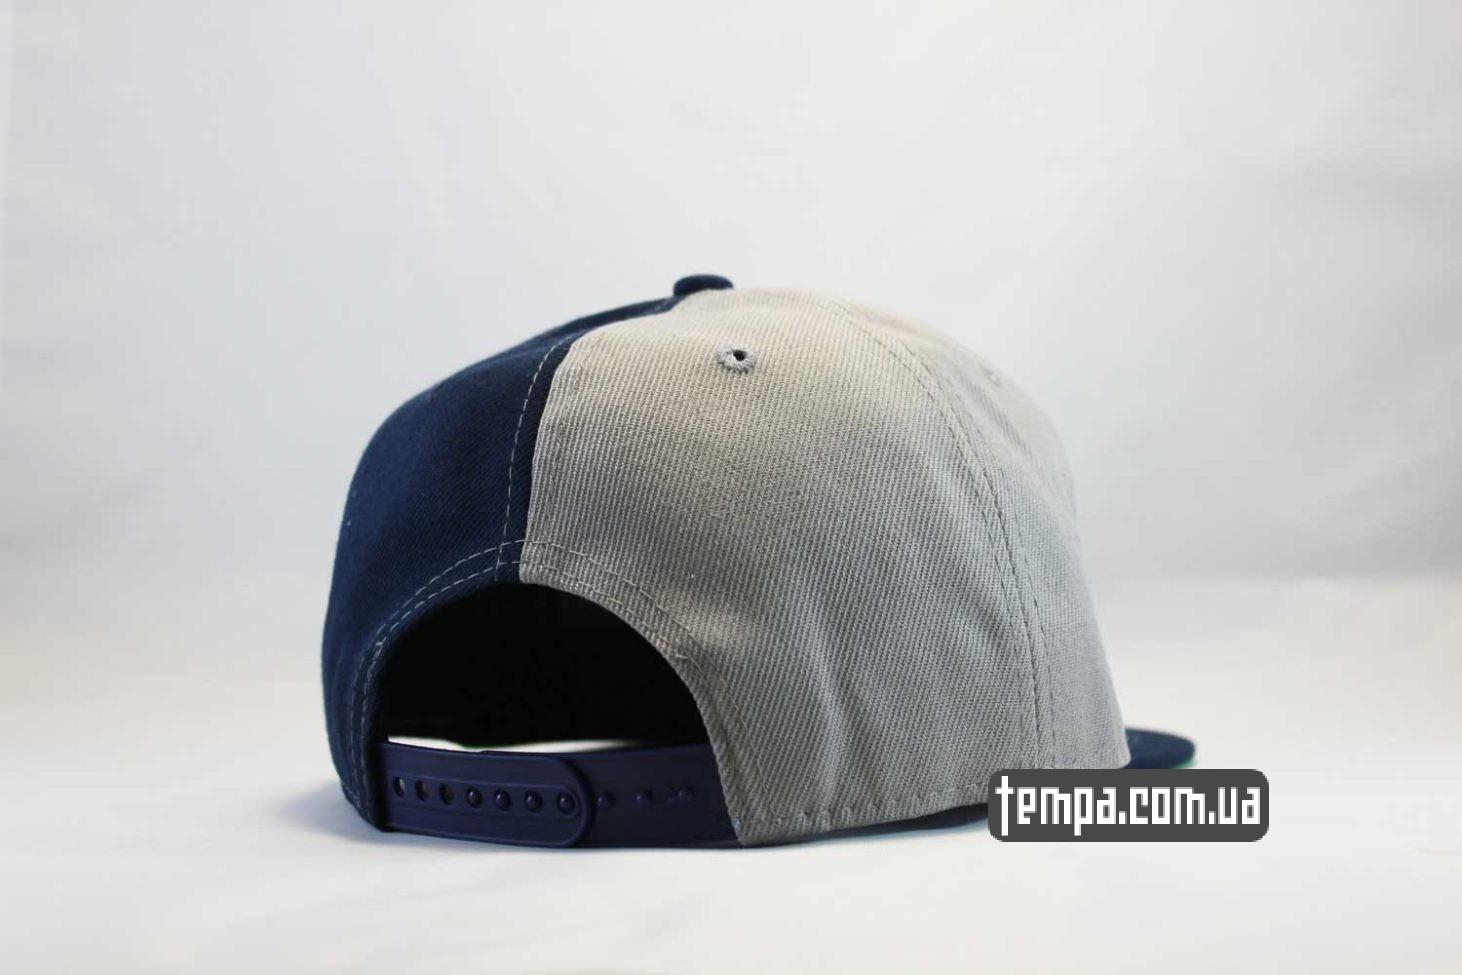 сине-серая кепка Snapback La Los Angeles Oldschool classic New Era бейсболка купить